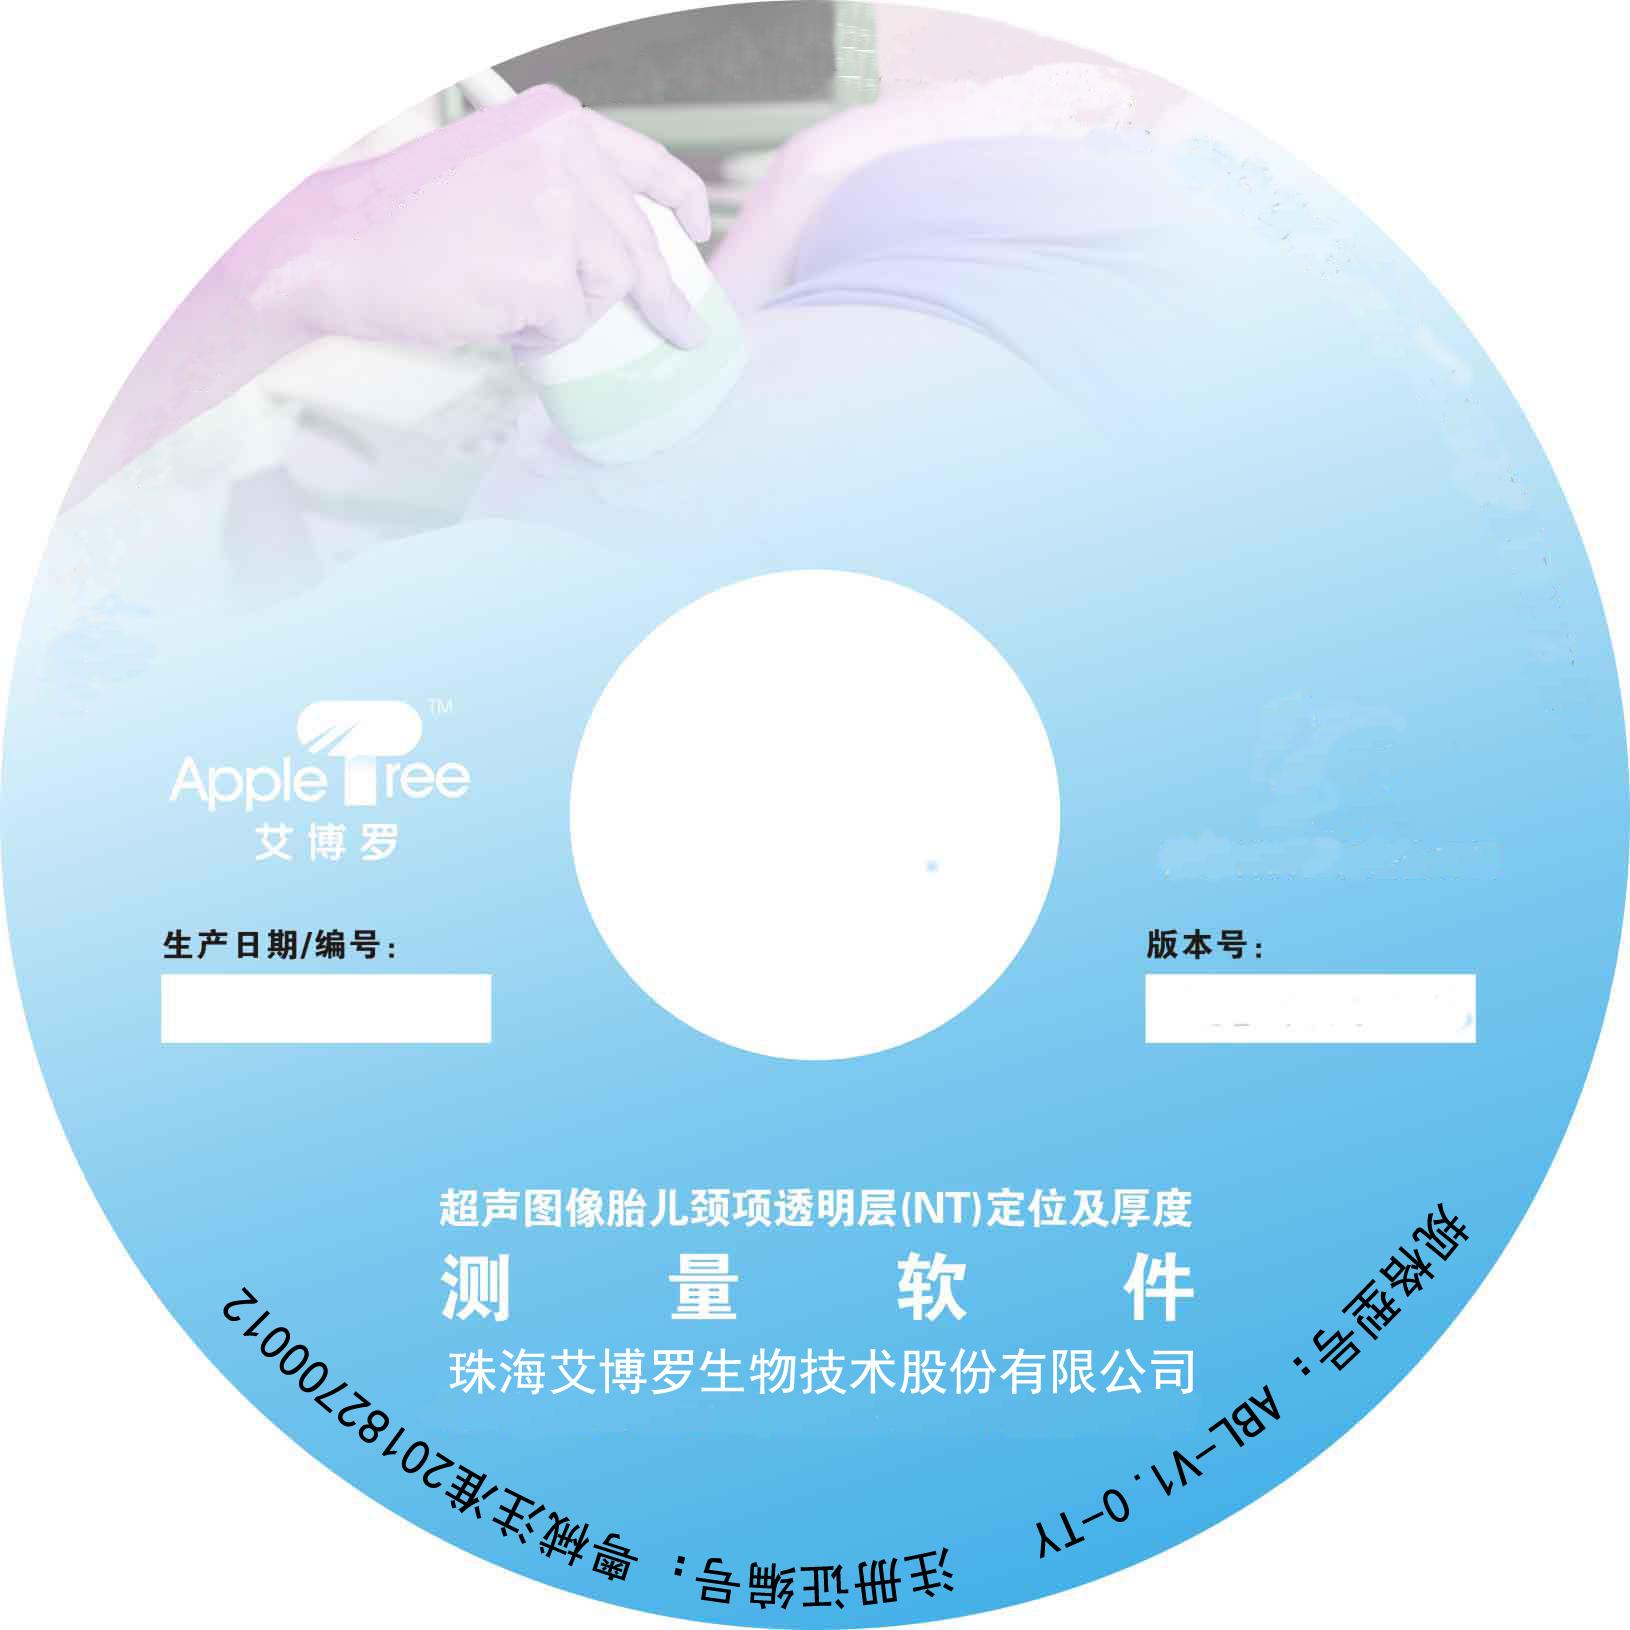 超声图像胎儿颈项透明层定位及厚度测量软件